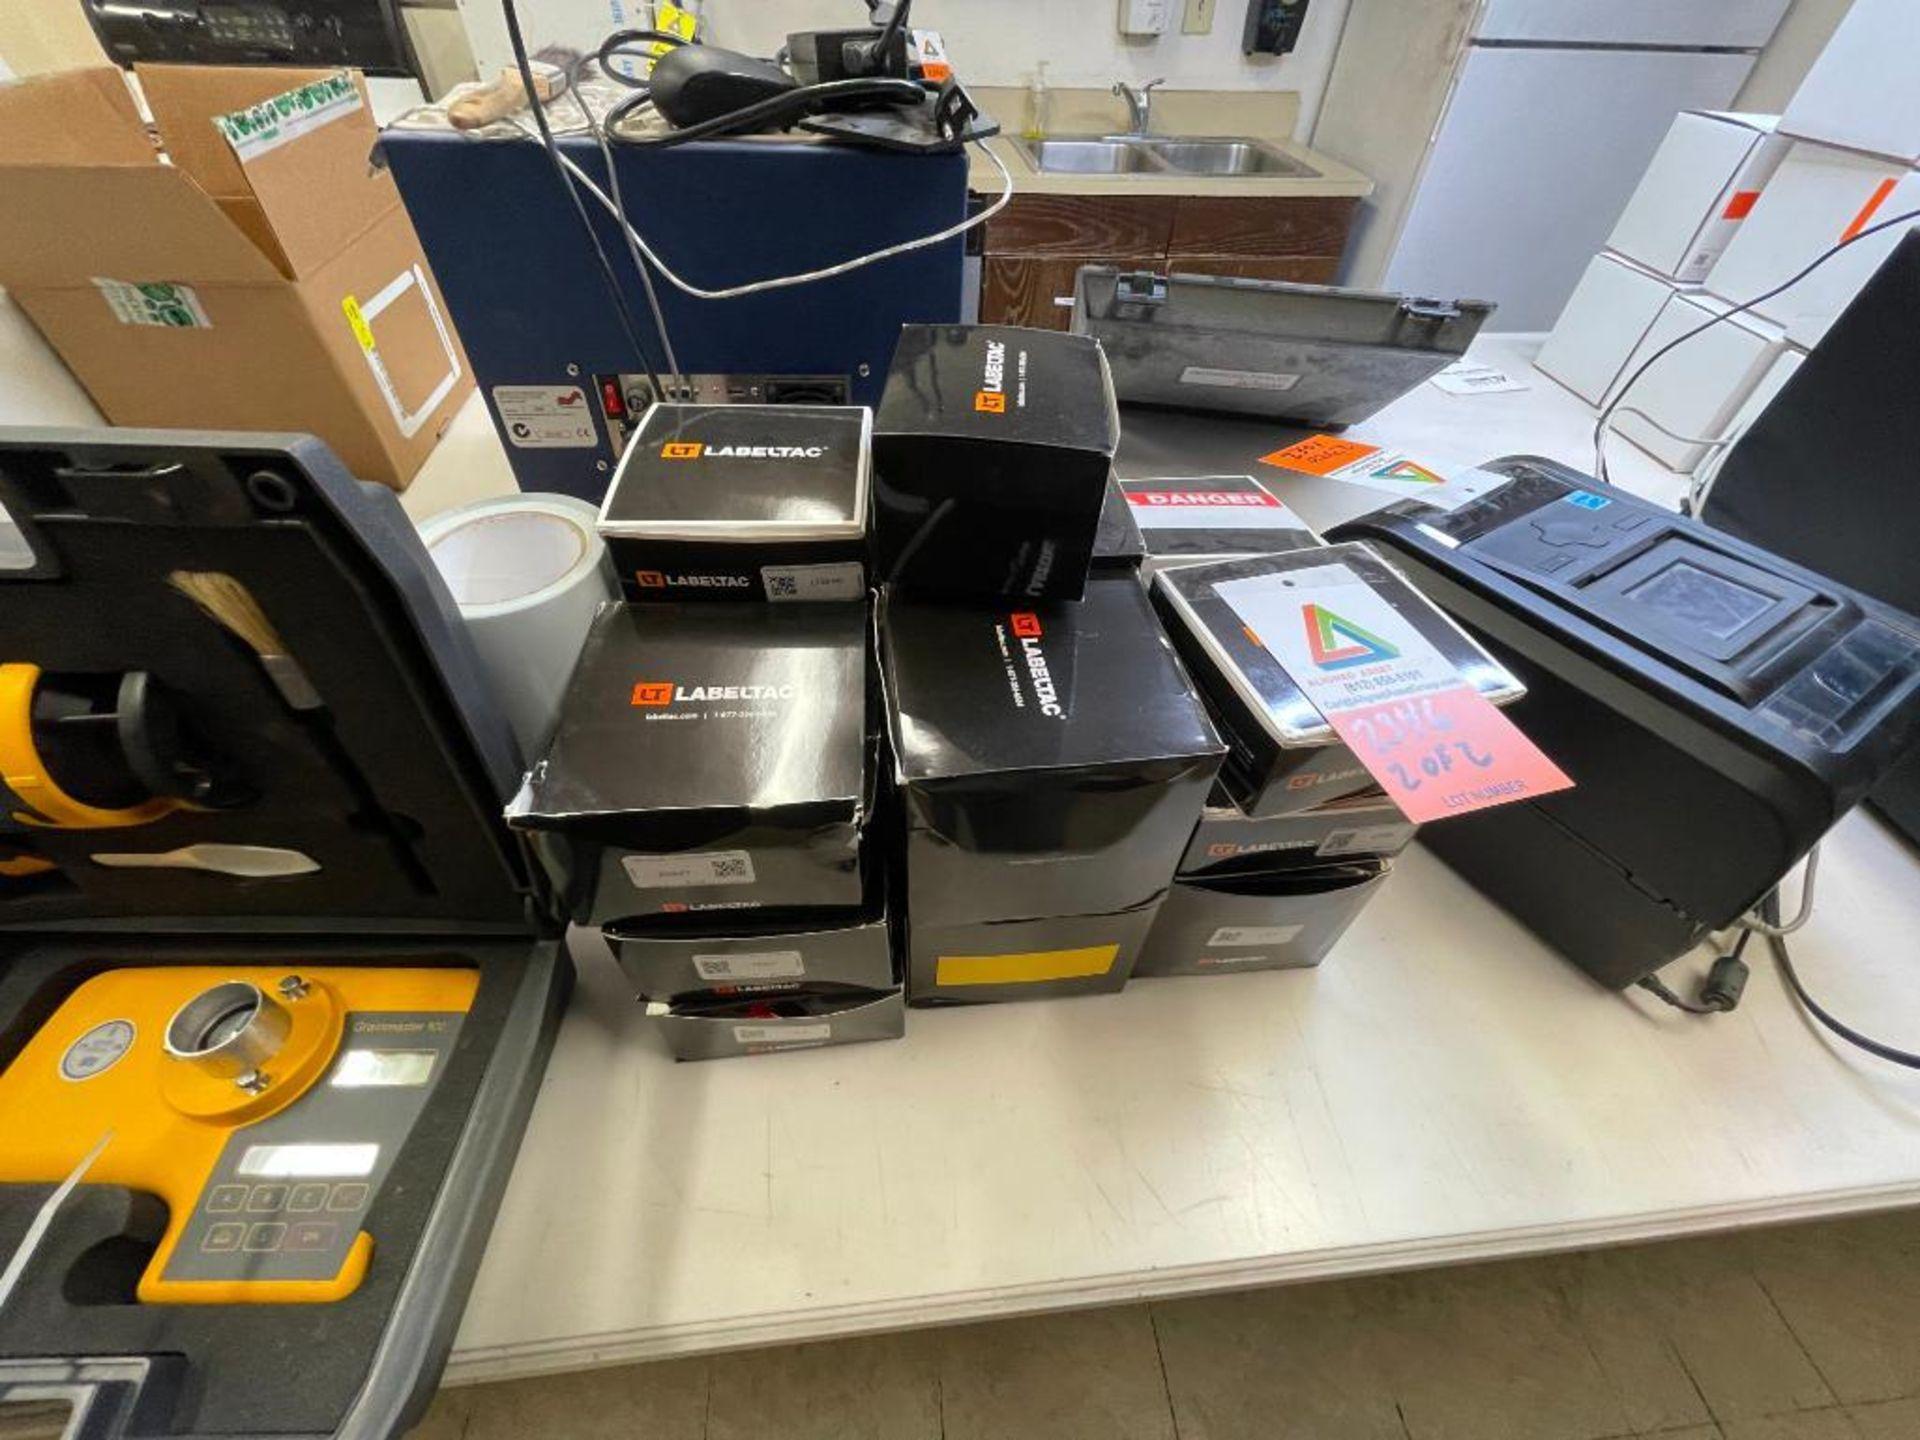 Labeltac label printer - Image 5 of 6